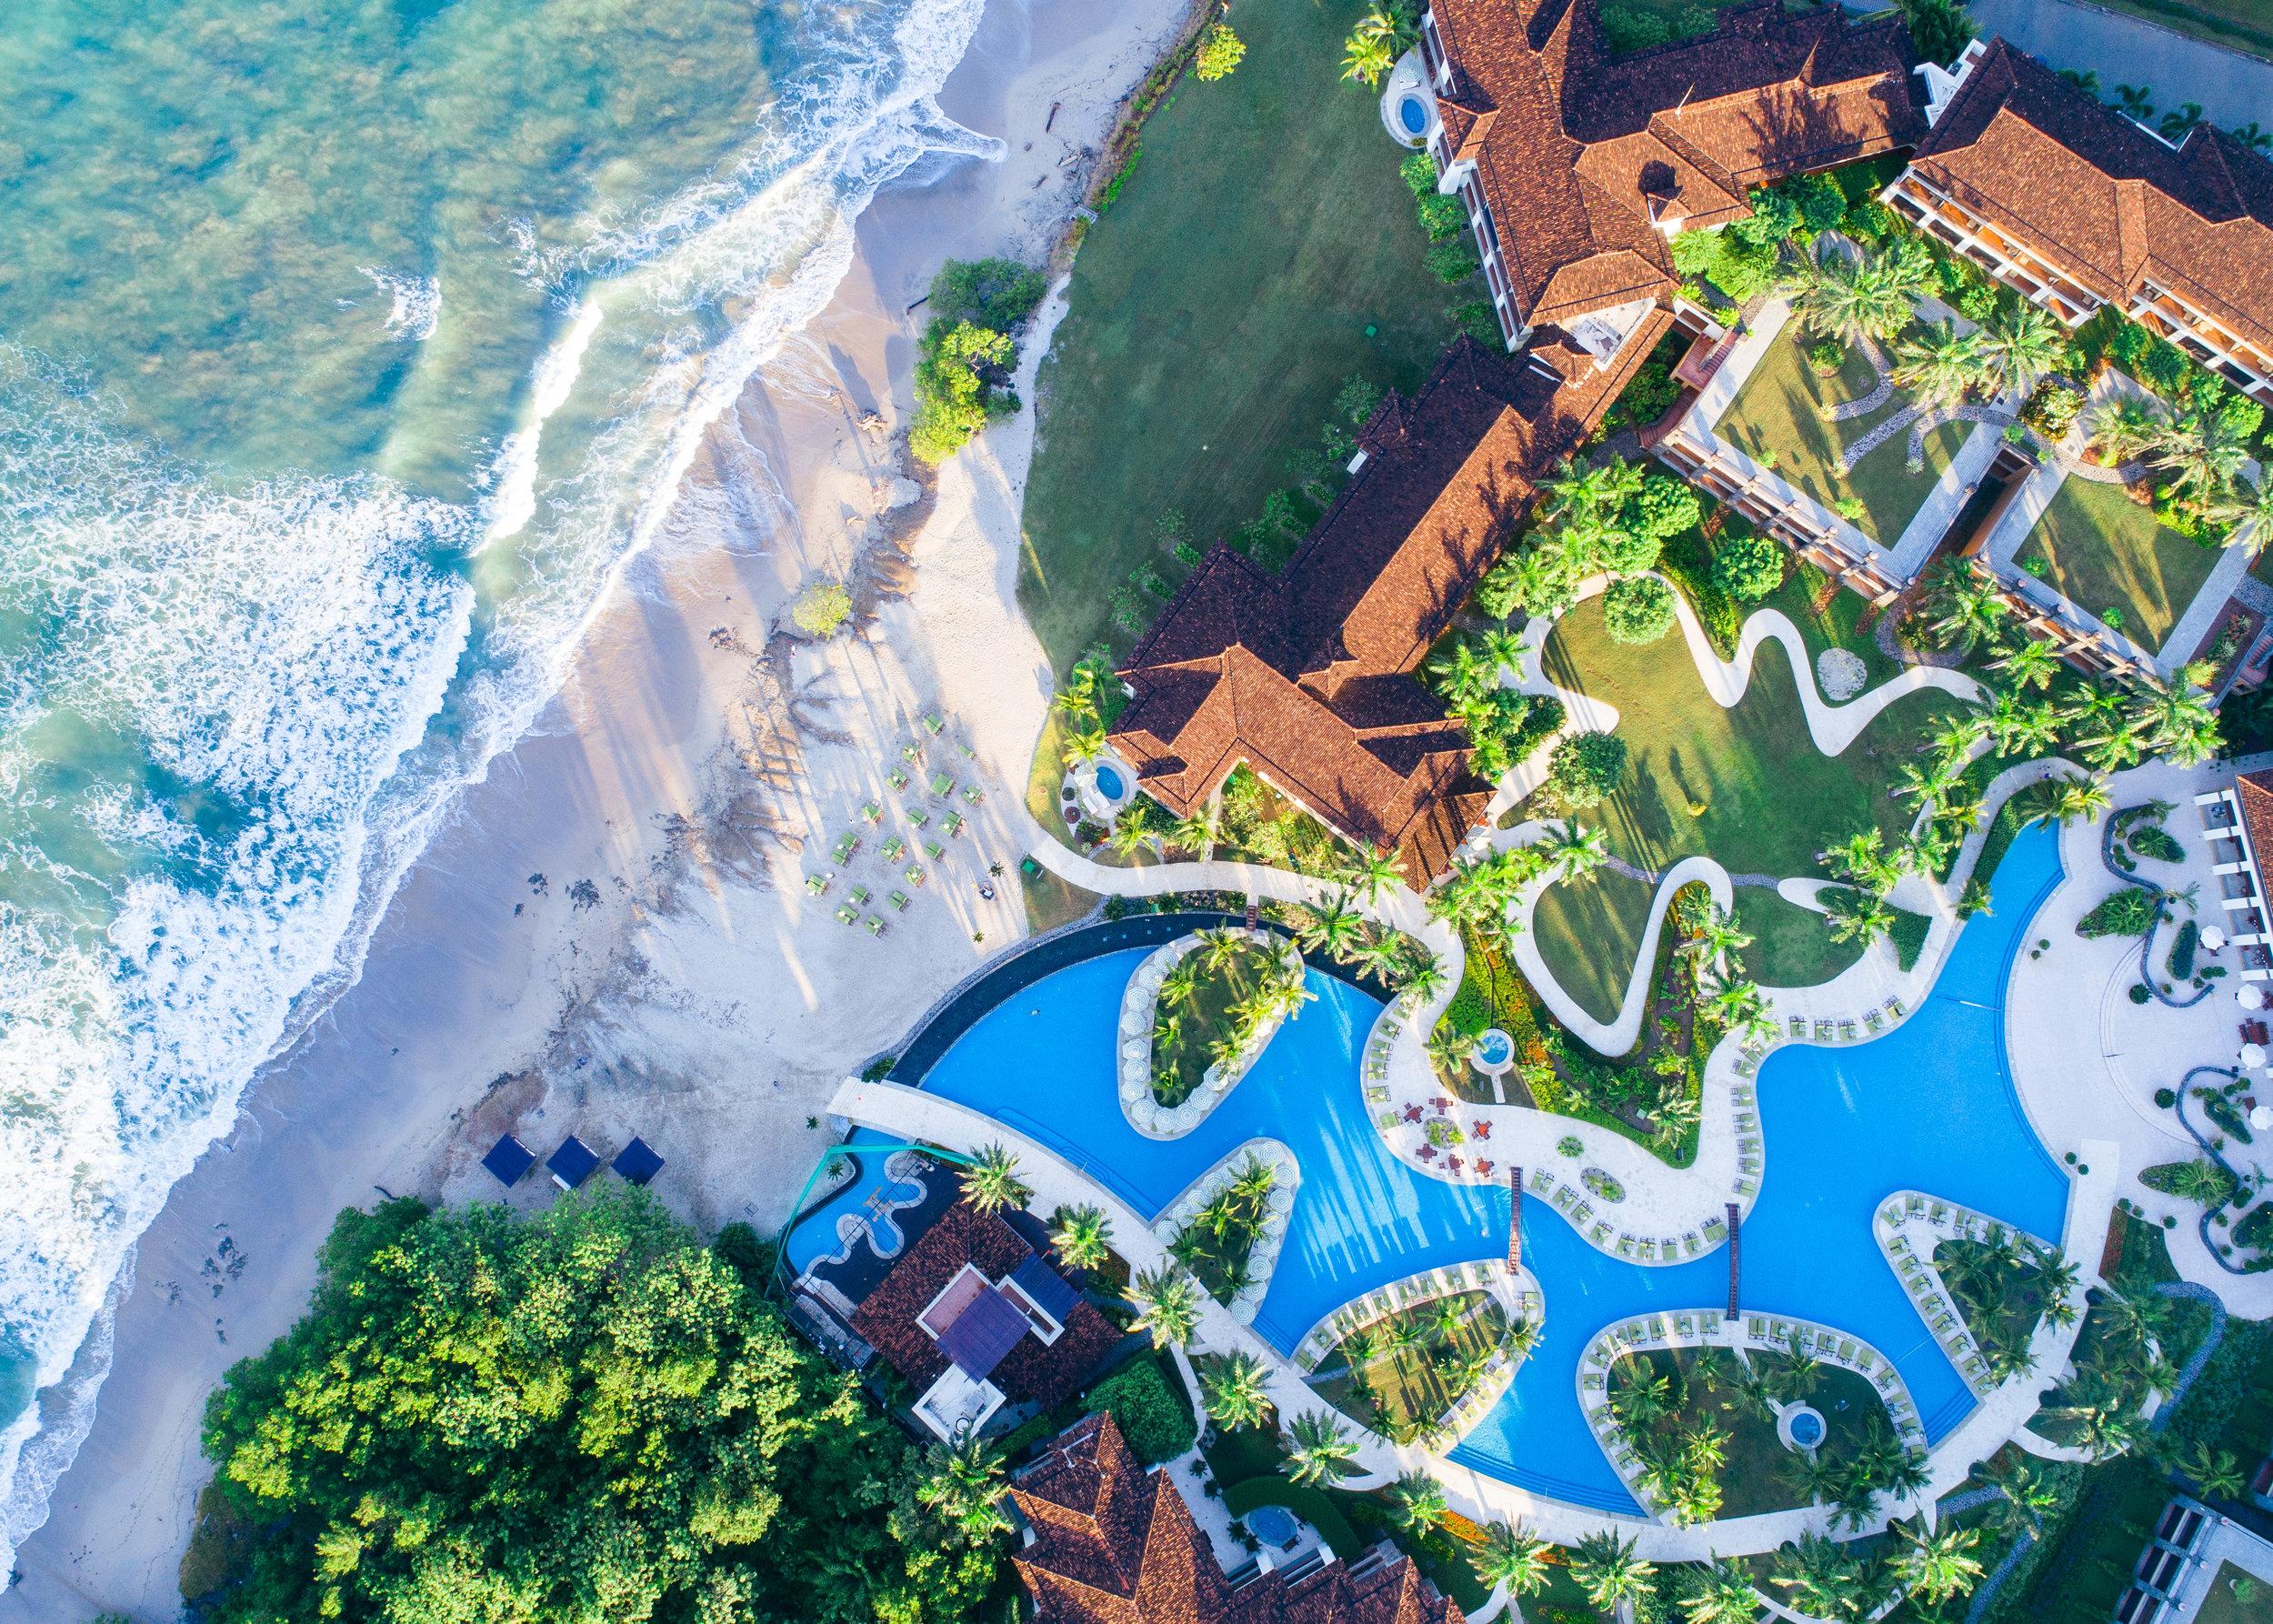 JW Marriott Guanacaste Costa Rica